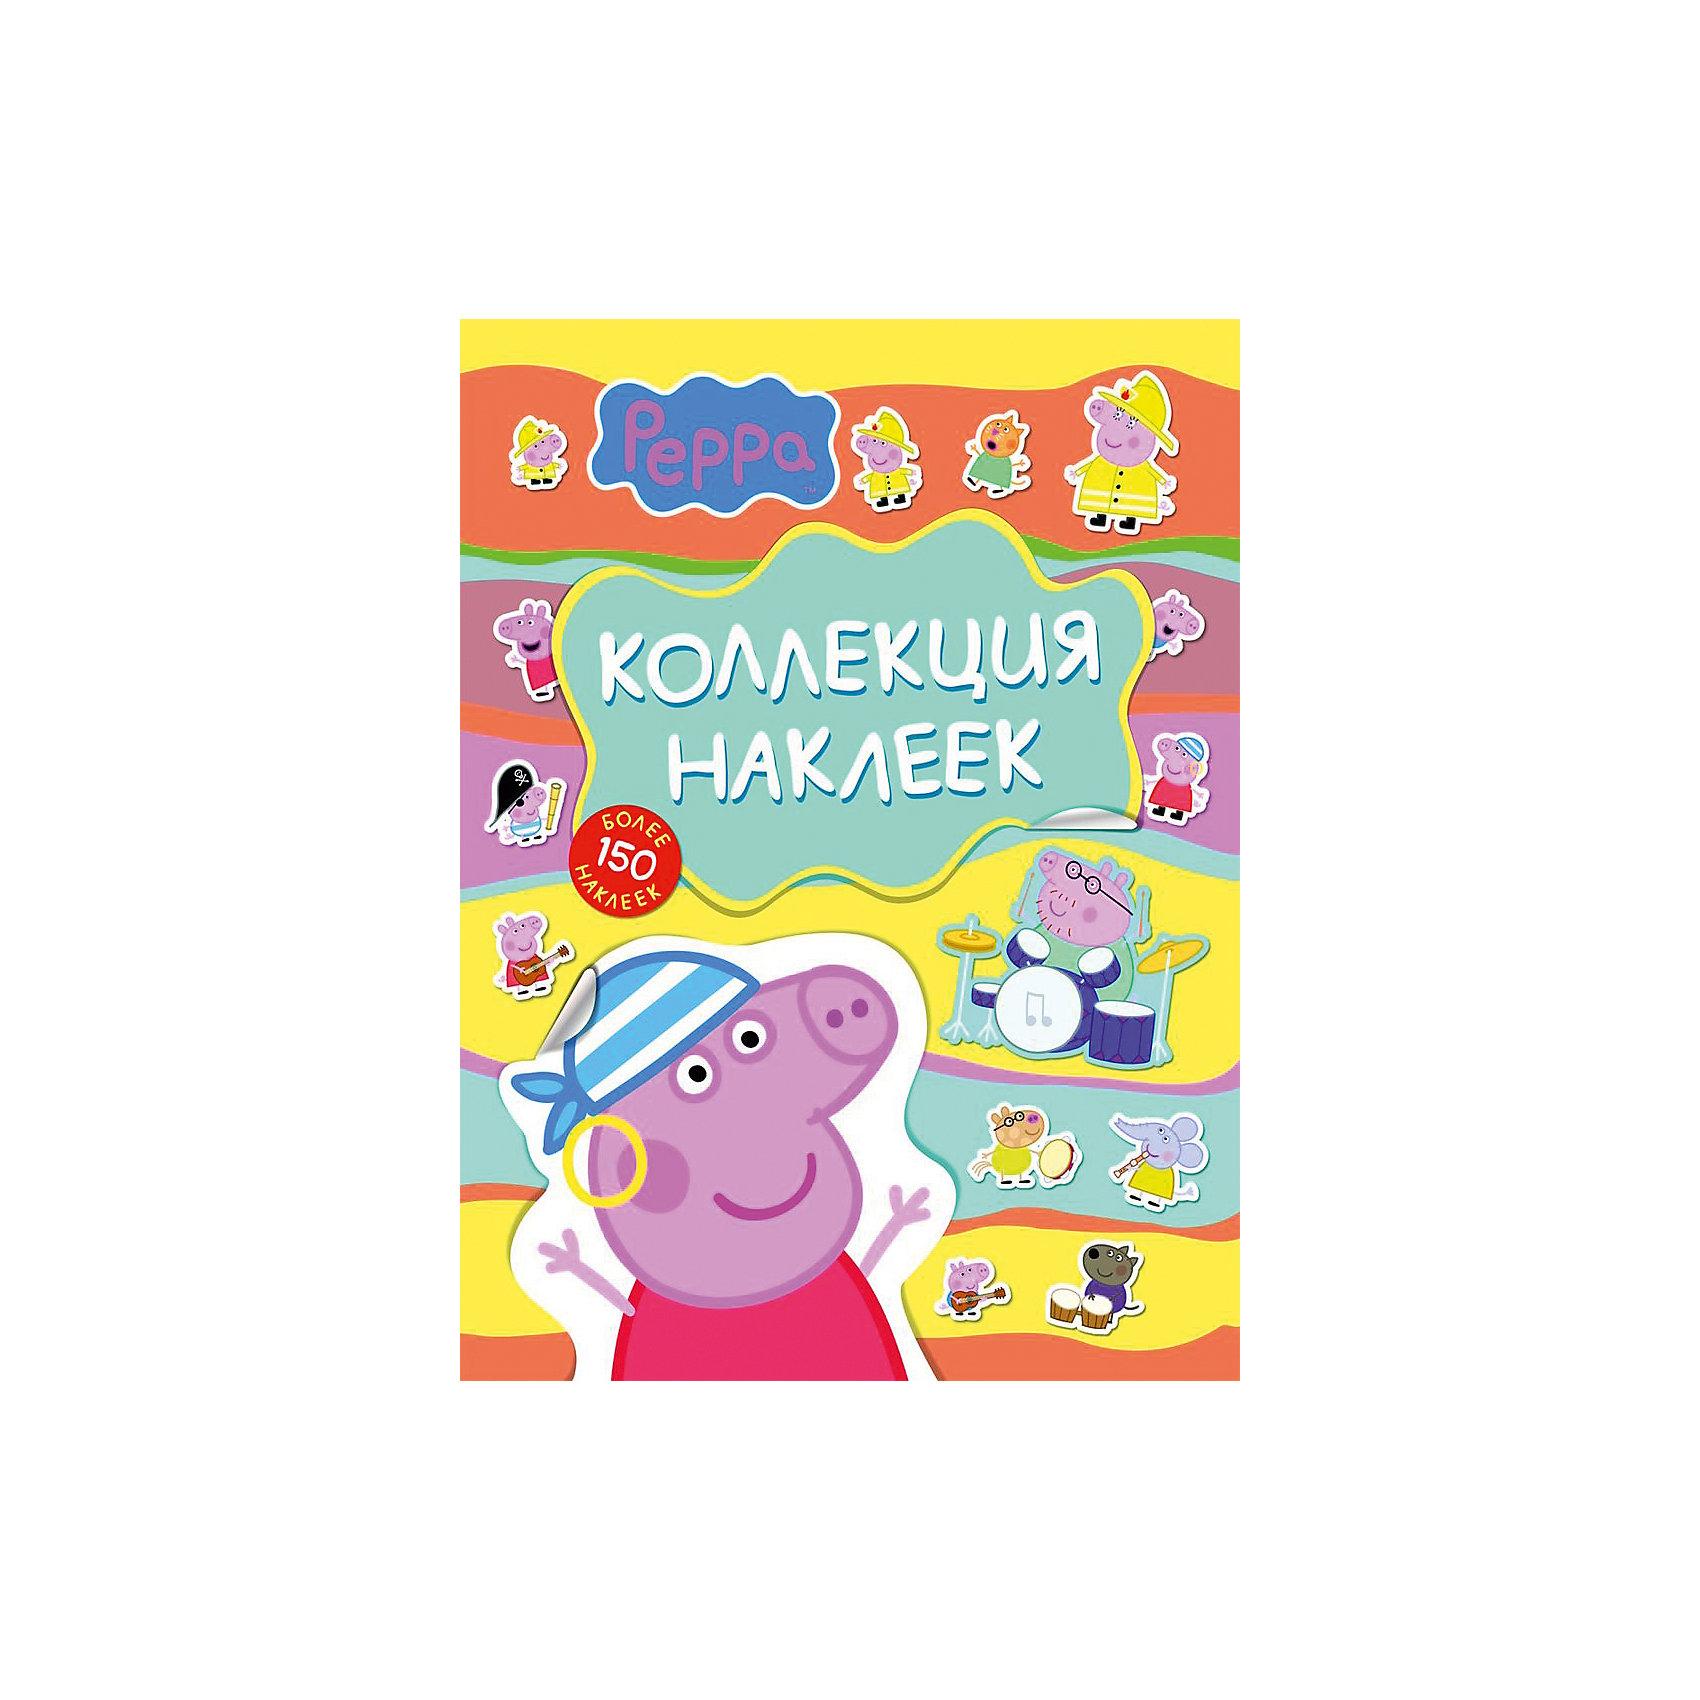 Коллекция наклеек Свинка Пеппа (голубая)Книги для мальчиков<br>Альбом Свинка Пеппа - это целая коллекция чудесных наклеек.&#13;<br>Очаровательная Пеппа, ее семья и друзья подарят радость вашему ребенку!&#13;<br>Украшайте наклейками тетради, анкеты, открытки, подарки и комнату вашего малыша.<br><br>Ширина мм: 275<br>Глубина мм: 200<br>Высота мм: 3<br>Вес г: 60<br>Возраст от месяцев: 36<br>Возраст до месяцев: 84<br>Пол: Унисекс<br>Возраст: Детский<br>SKU: 4172375